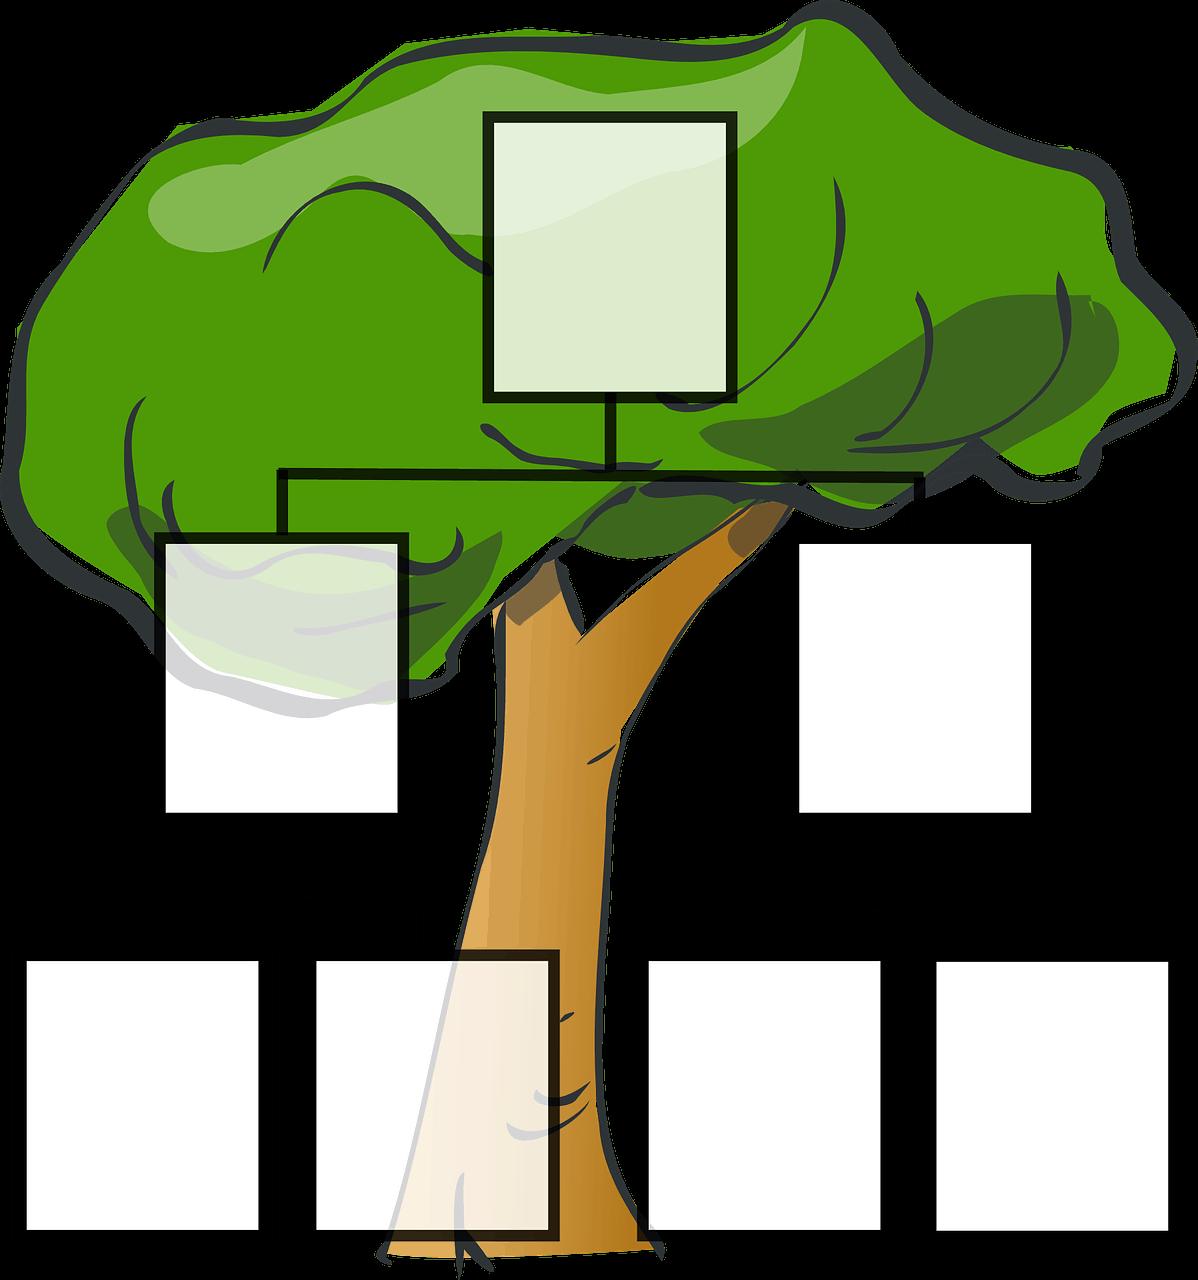 Ági öröklés: így maradhat a családban a vagyon